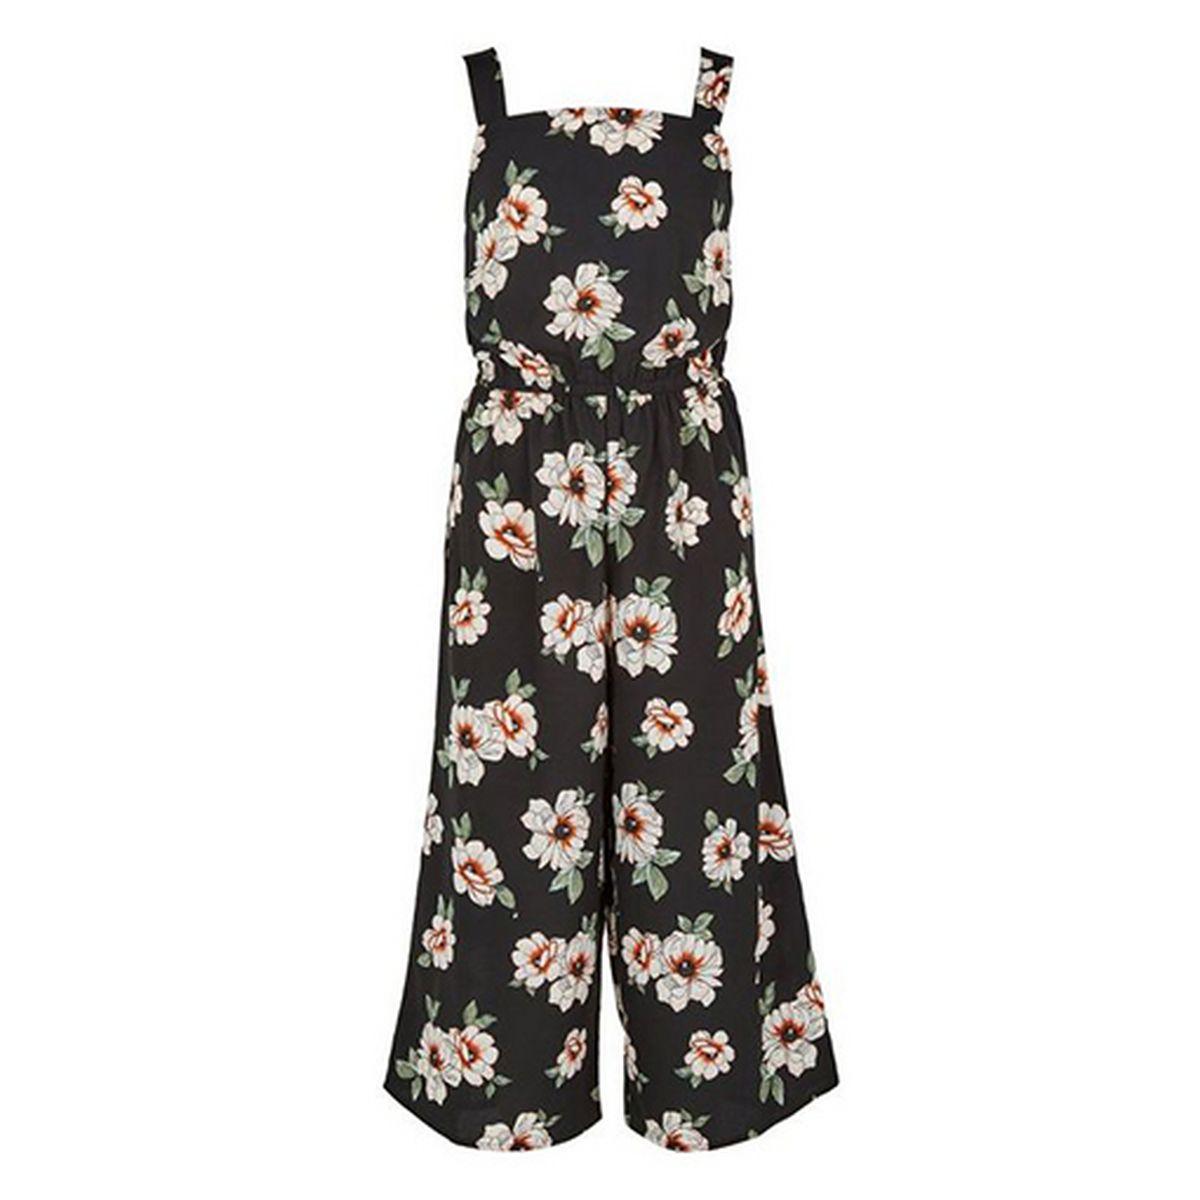 99fe98ce0ce5 Black Floral Square Neck Jumpsuit